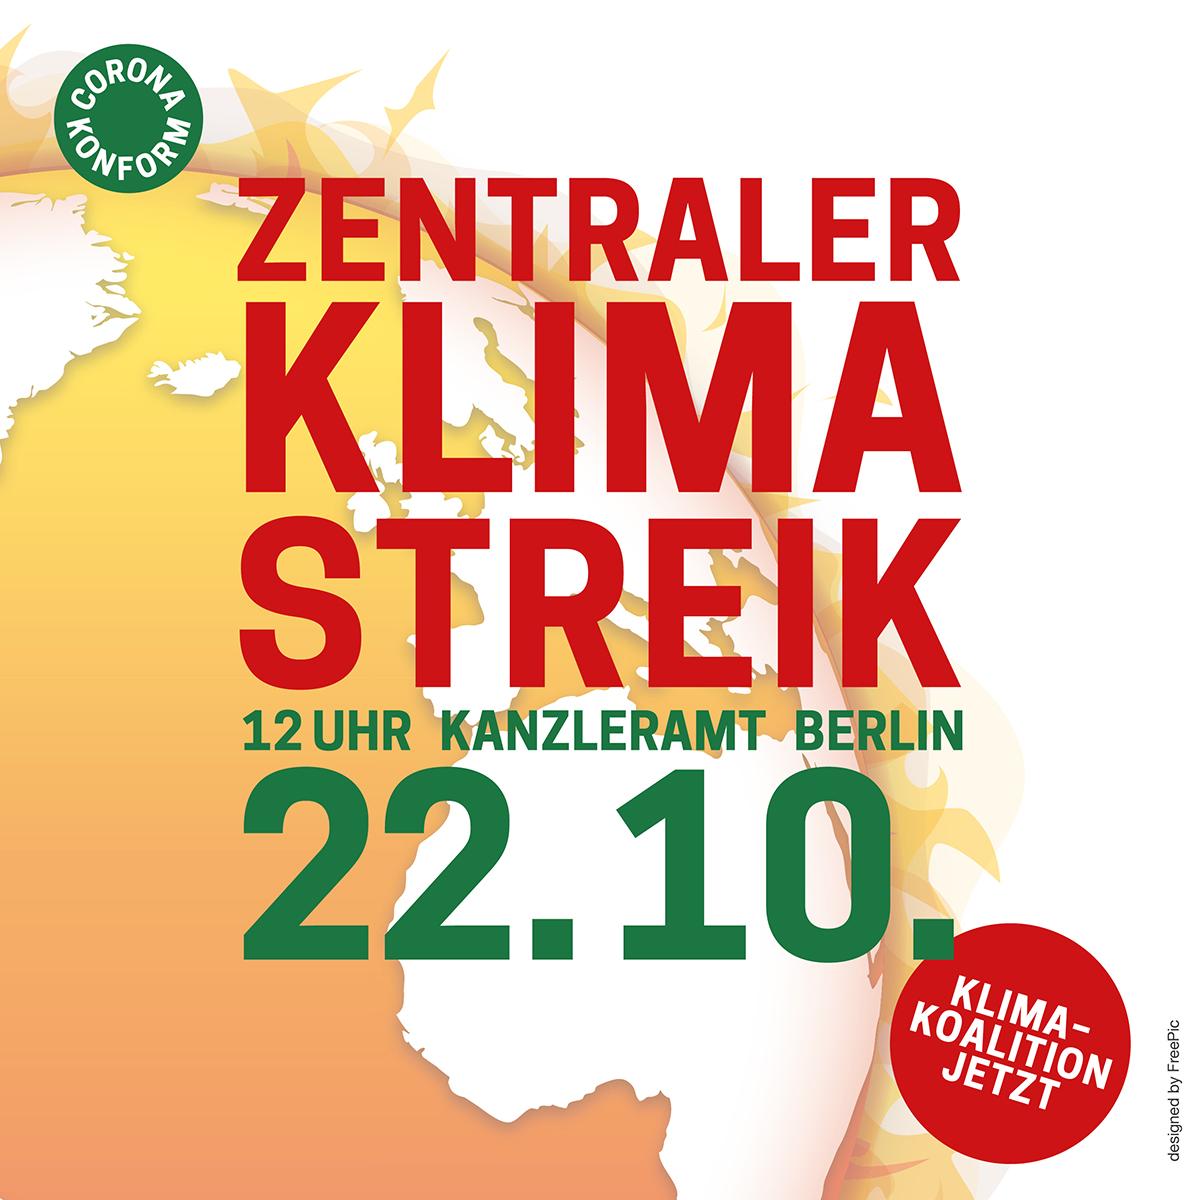 Zentraler Klimastreik am 22. 10. um 12 Uhr am Kanzleramt